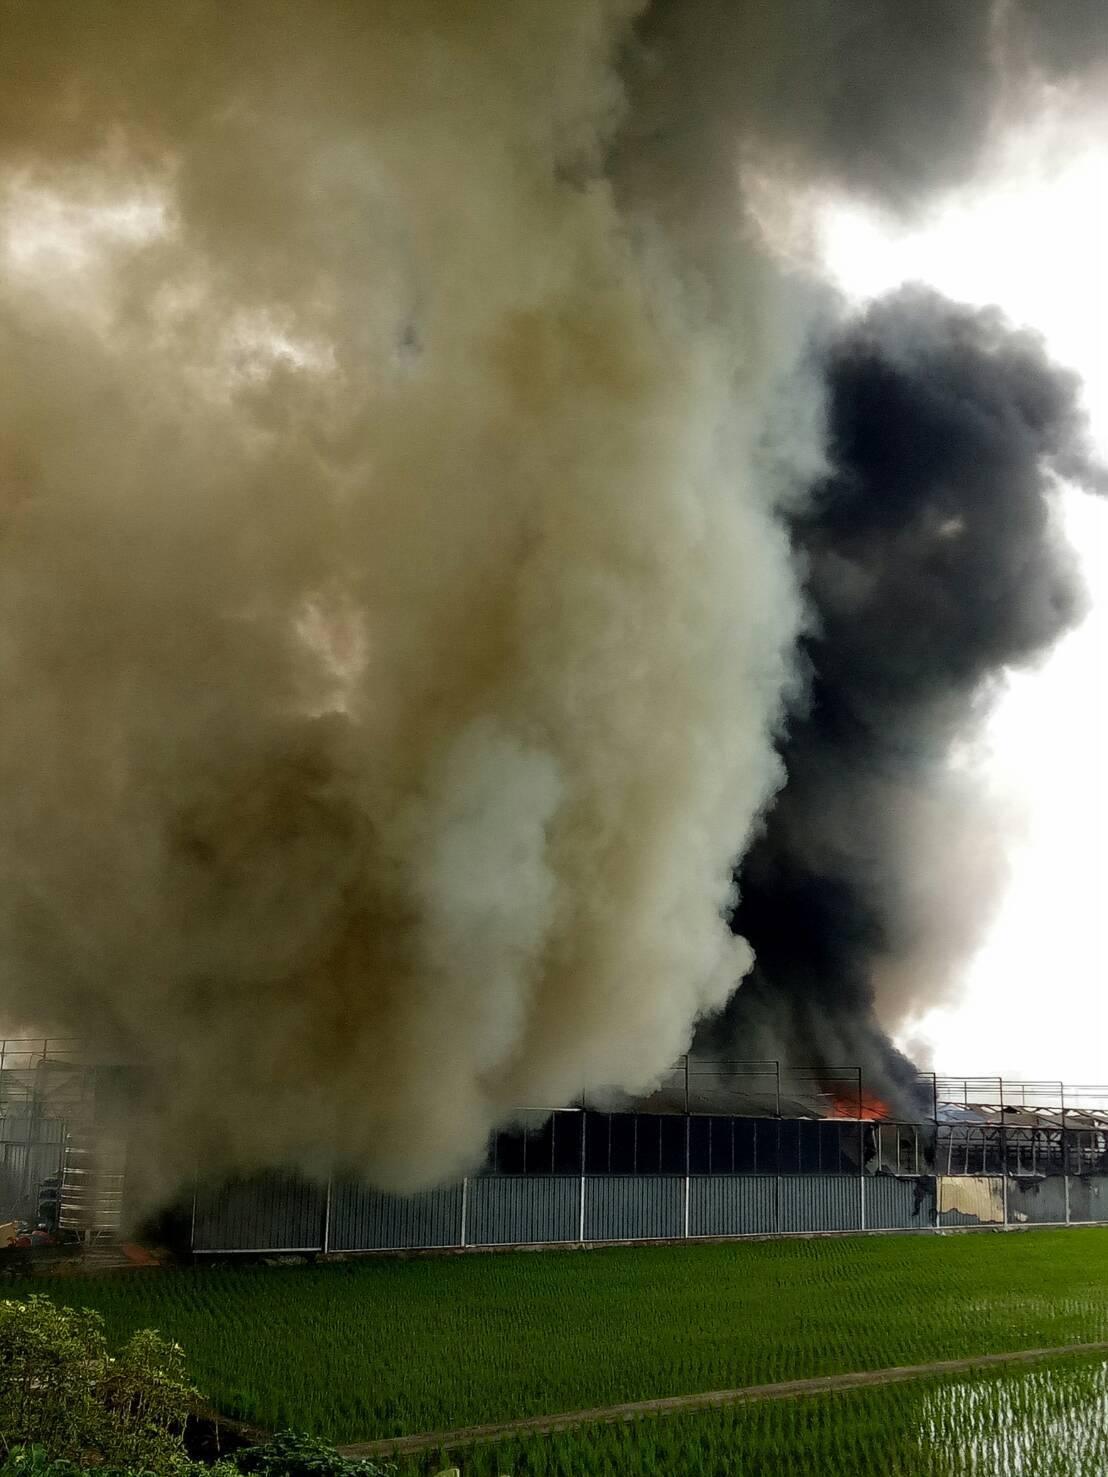 溪州鄉一間鐵皮屋菇寮今天中午竄出濃煙,付之一炬。照片/消防局提供